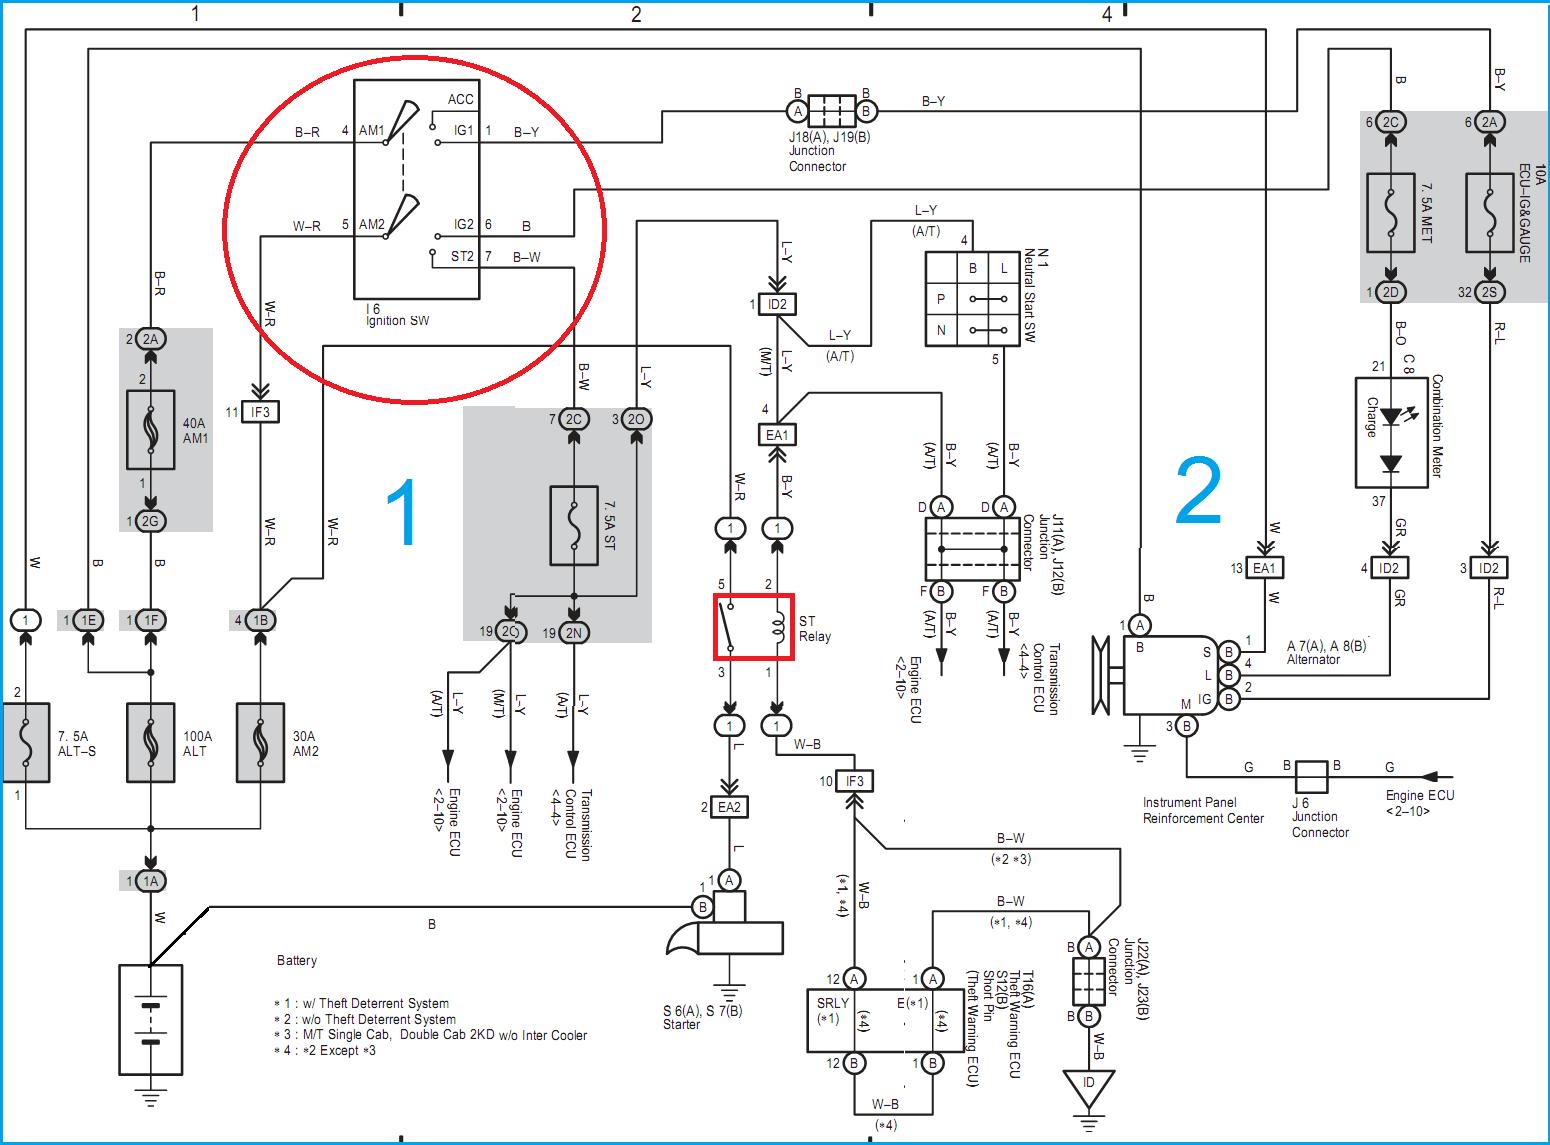 1kd Wiring Diagram